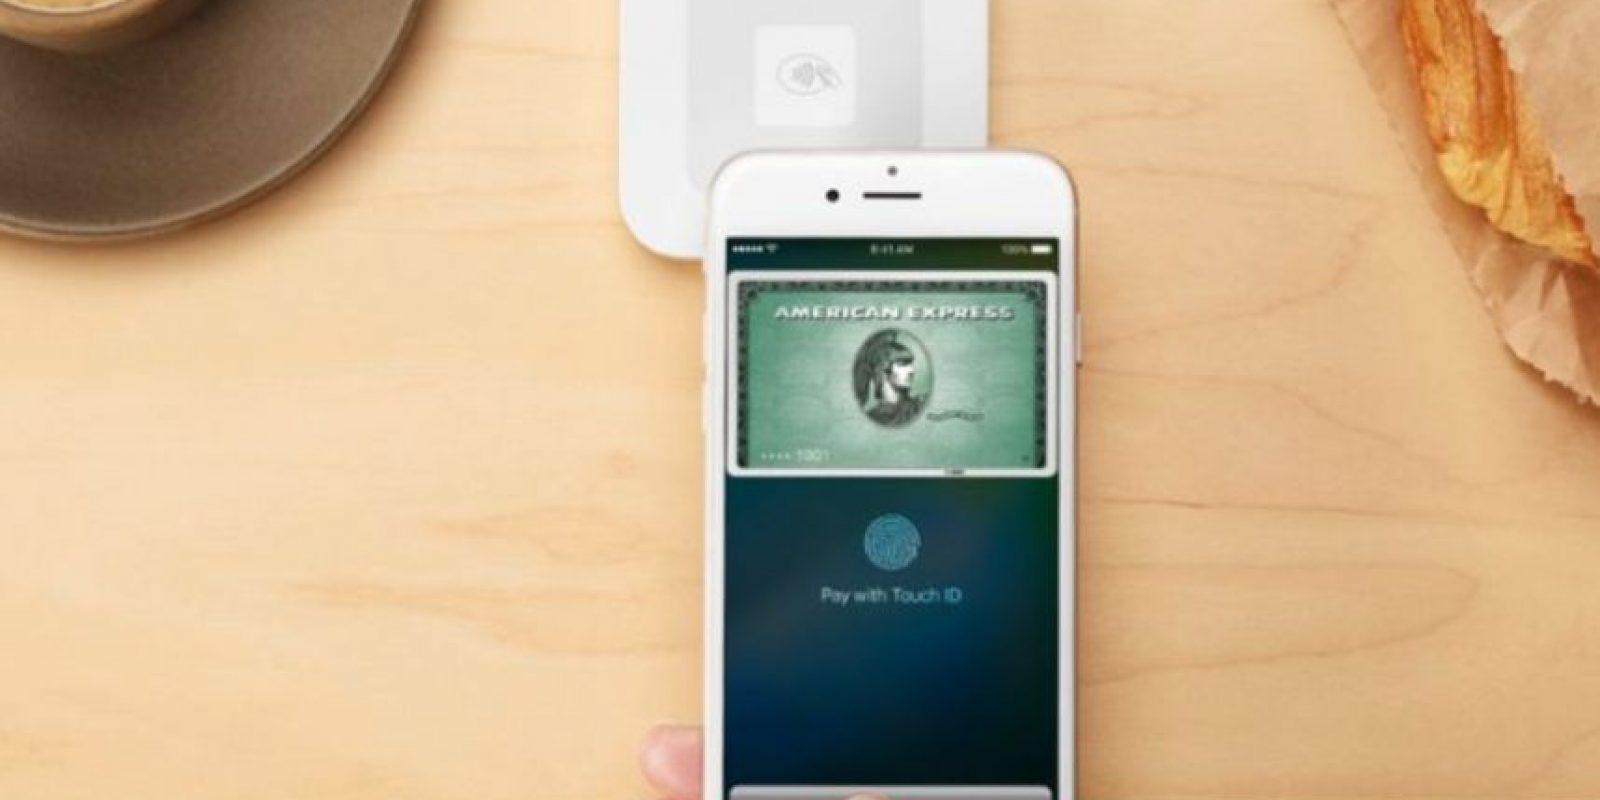 Podrán utilizar el método biomédico para realizar la transacción. Foto:Apple